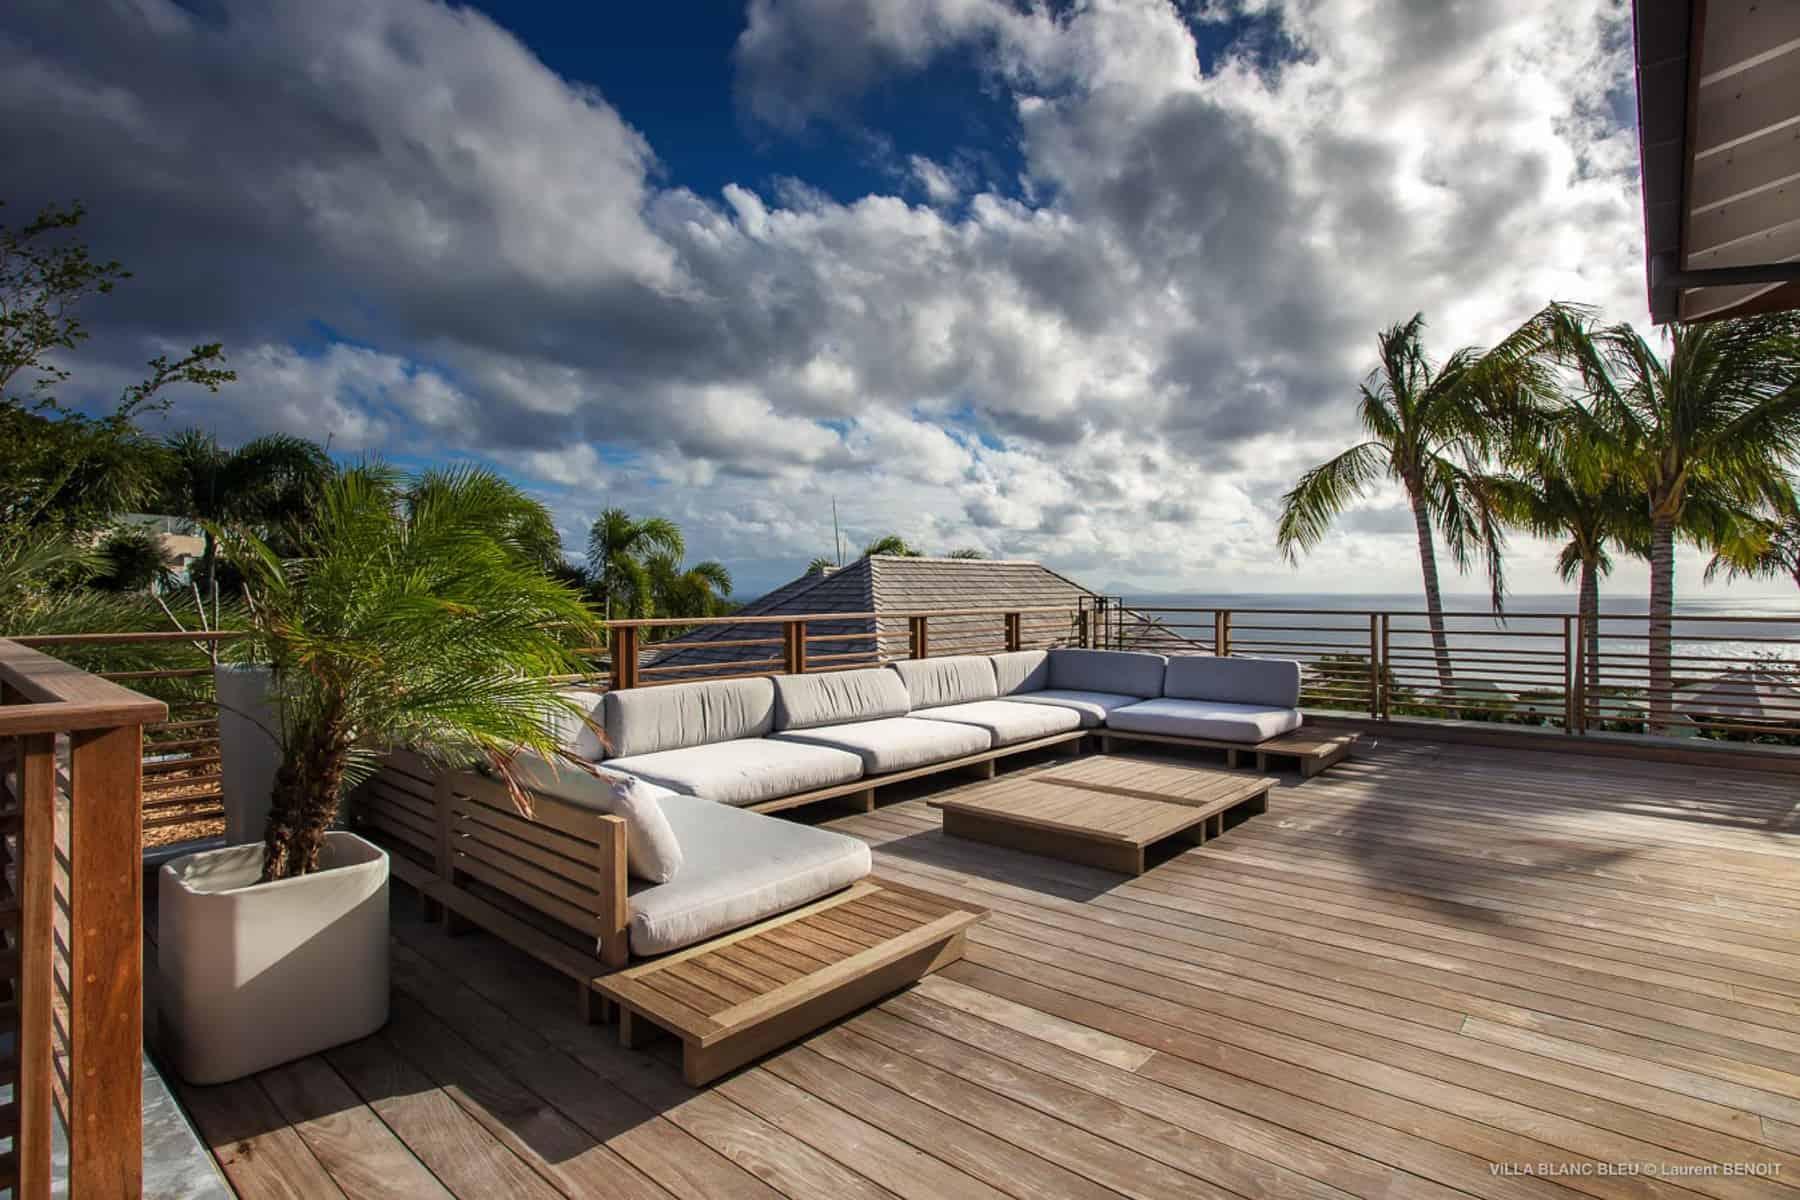 Lounge chair Villa Blanc Bleu St Barths